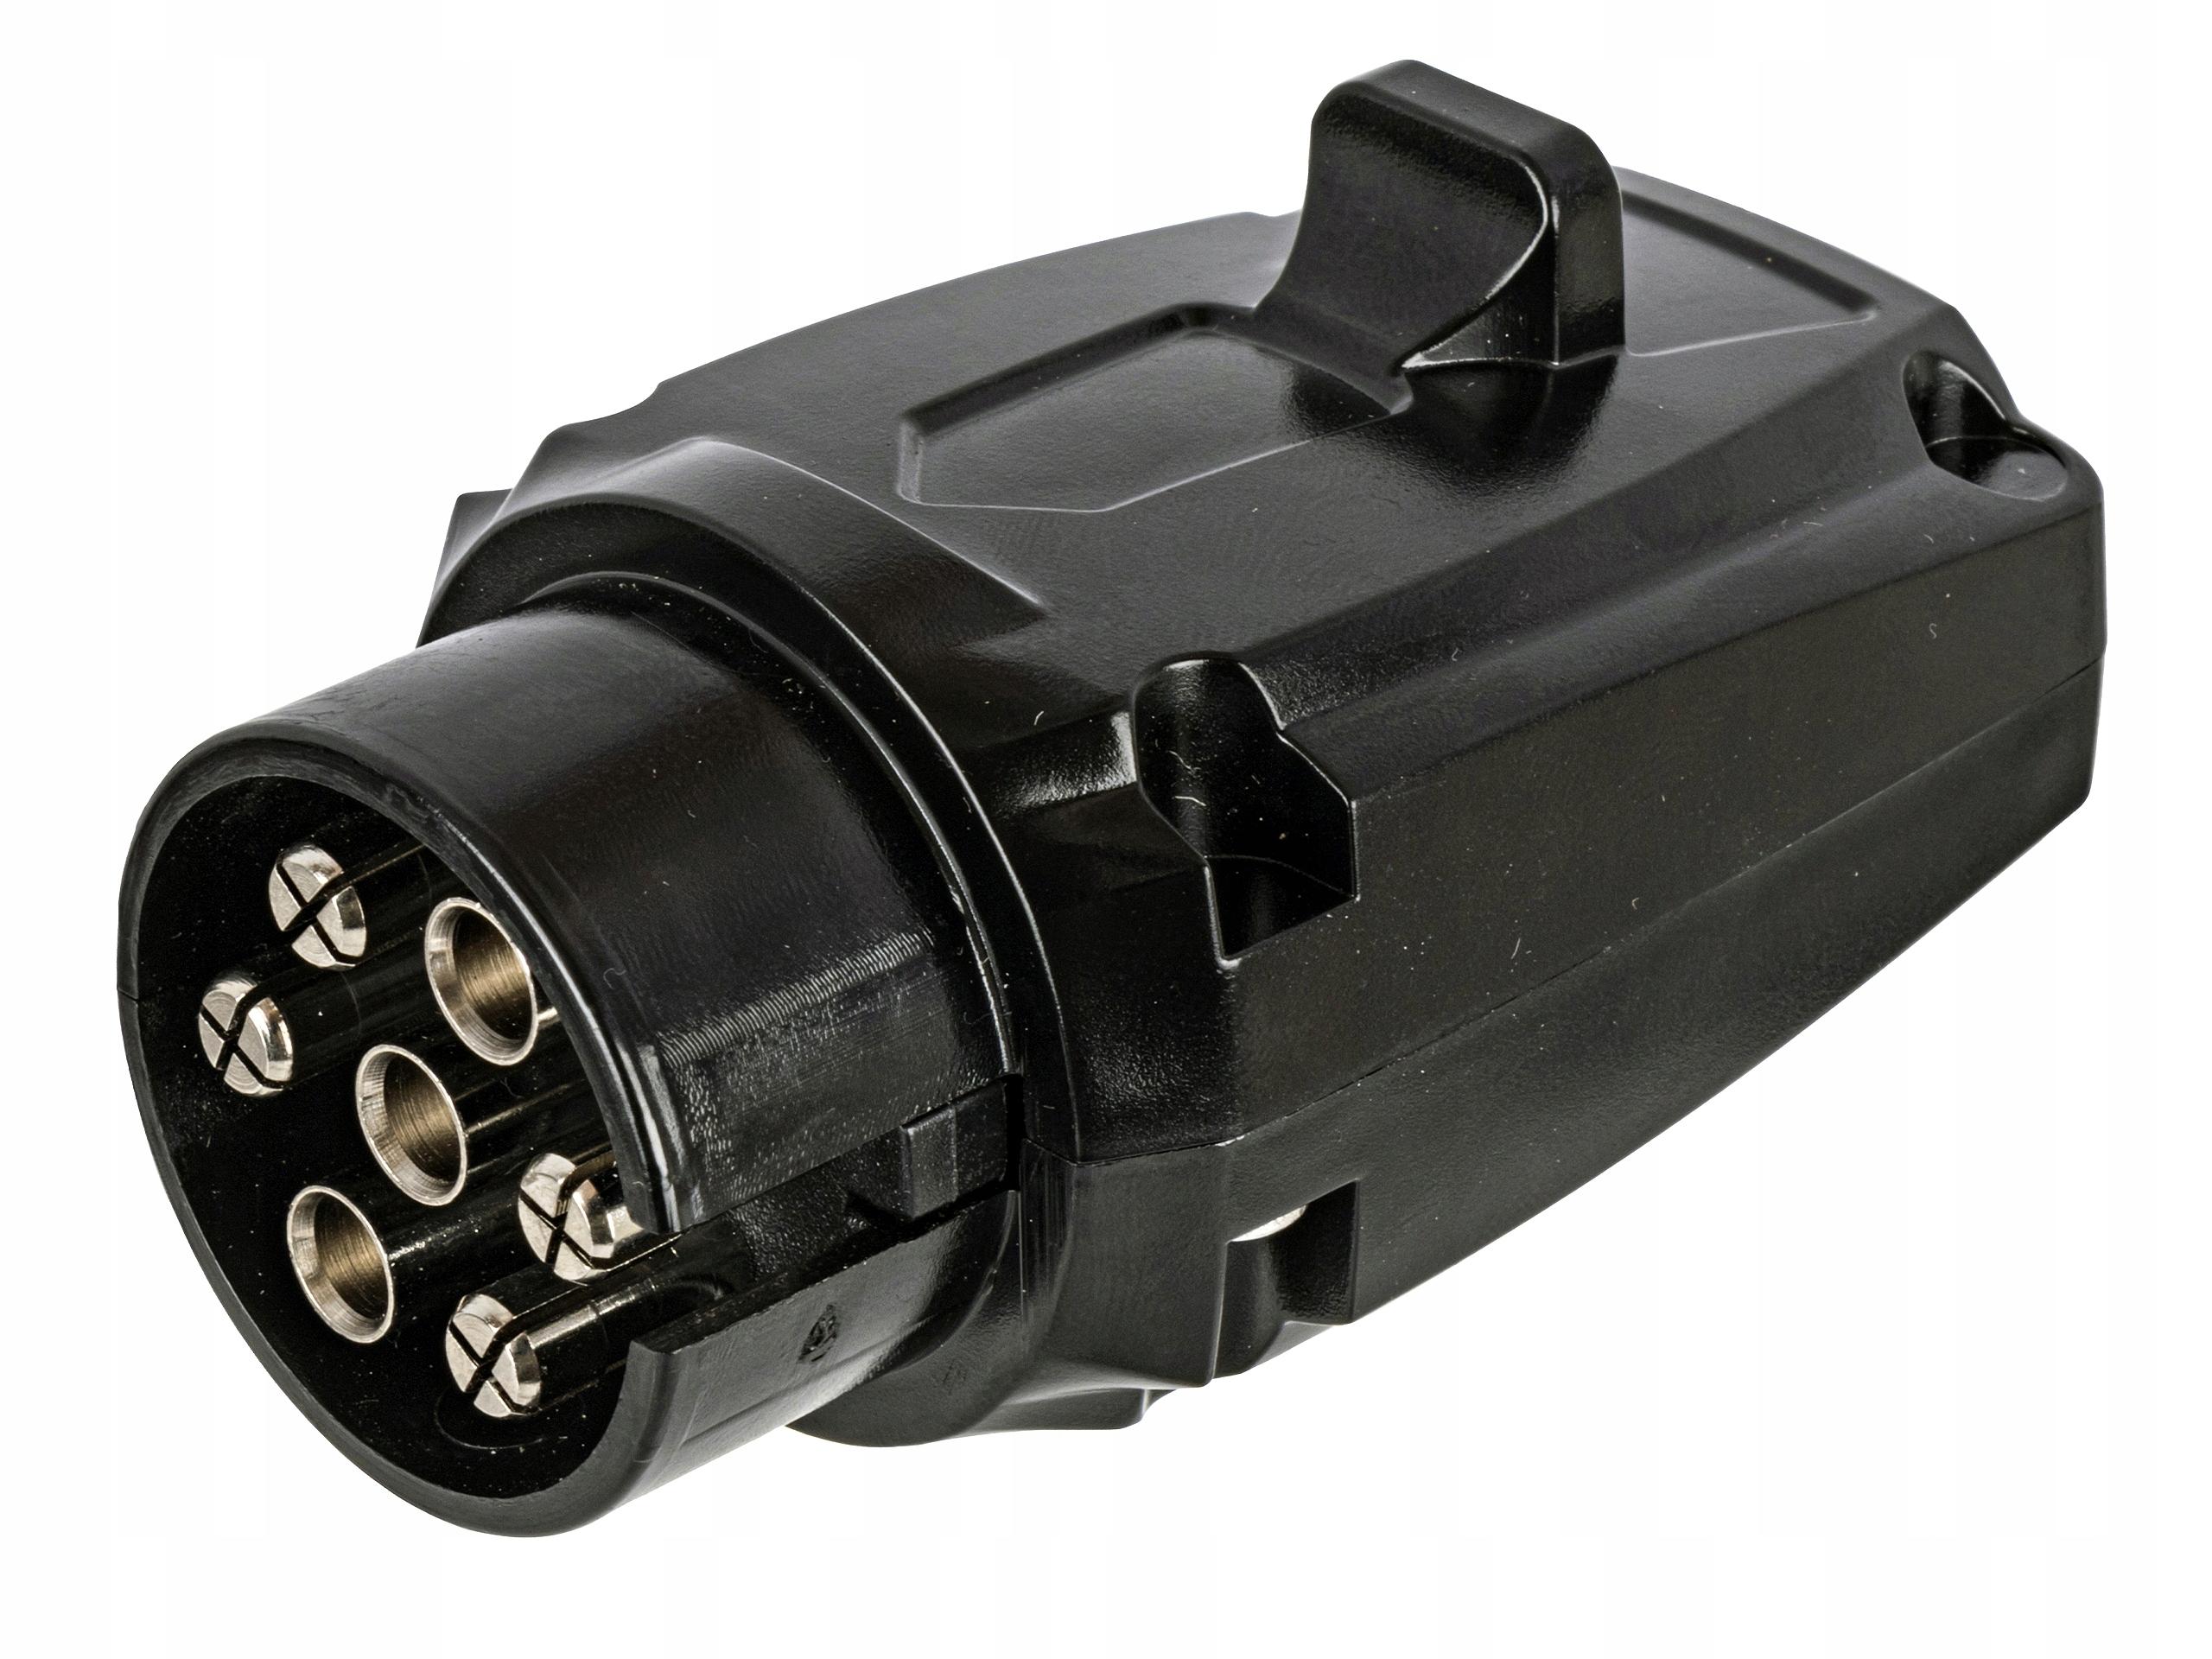 LAMPY BEZPRZEWODOWE LED 12/24V PRZYCZEPY LAWETY